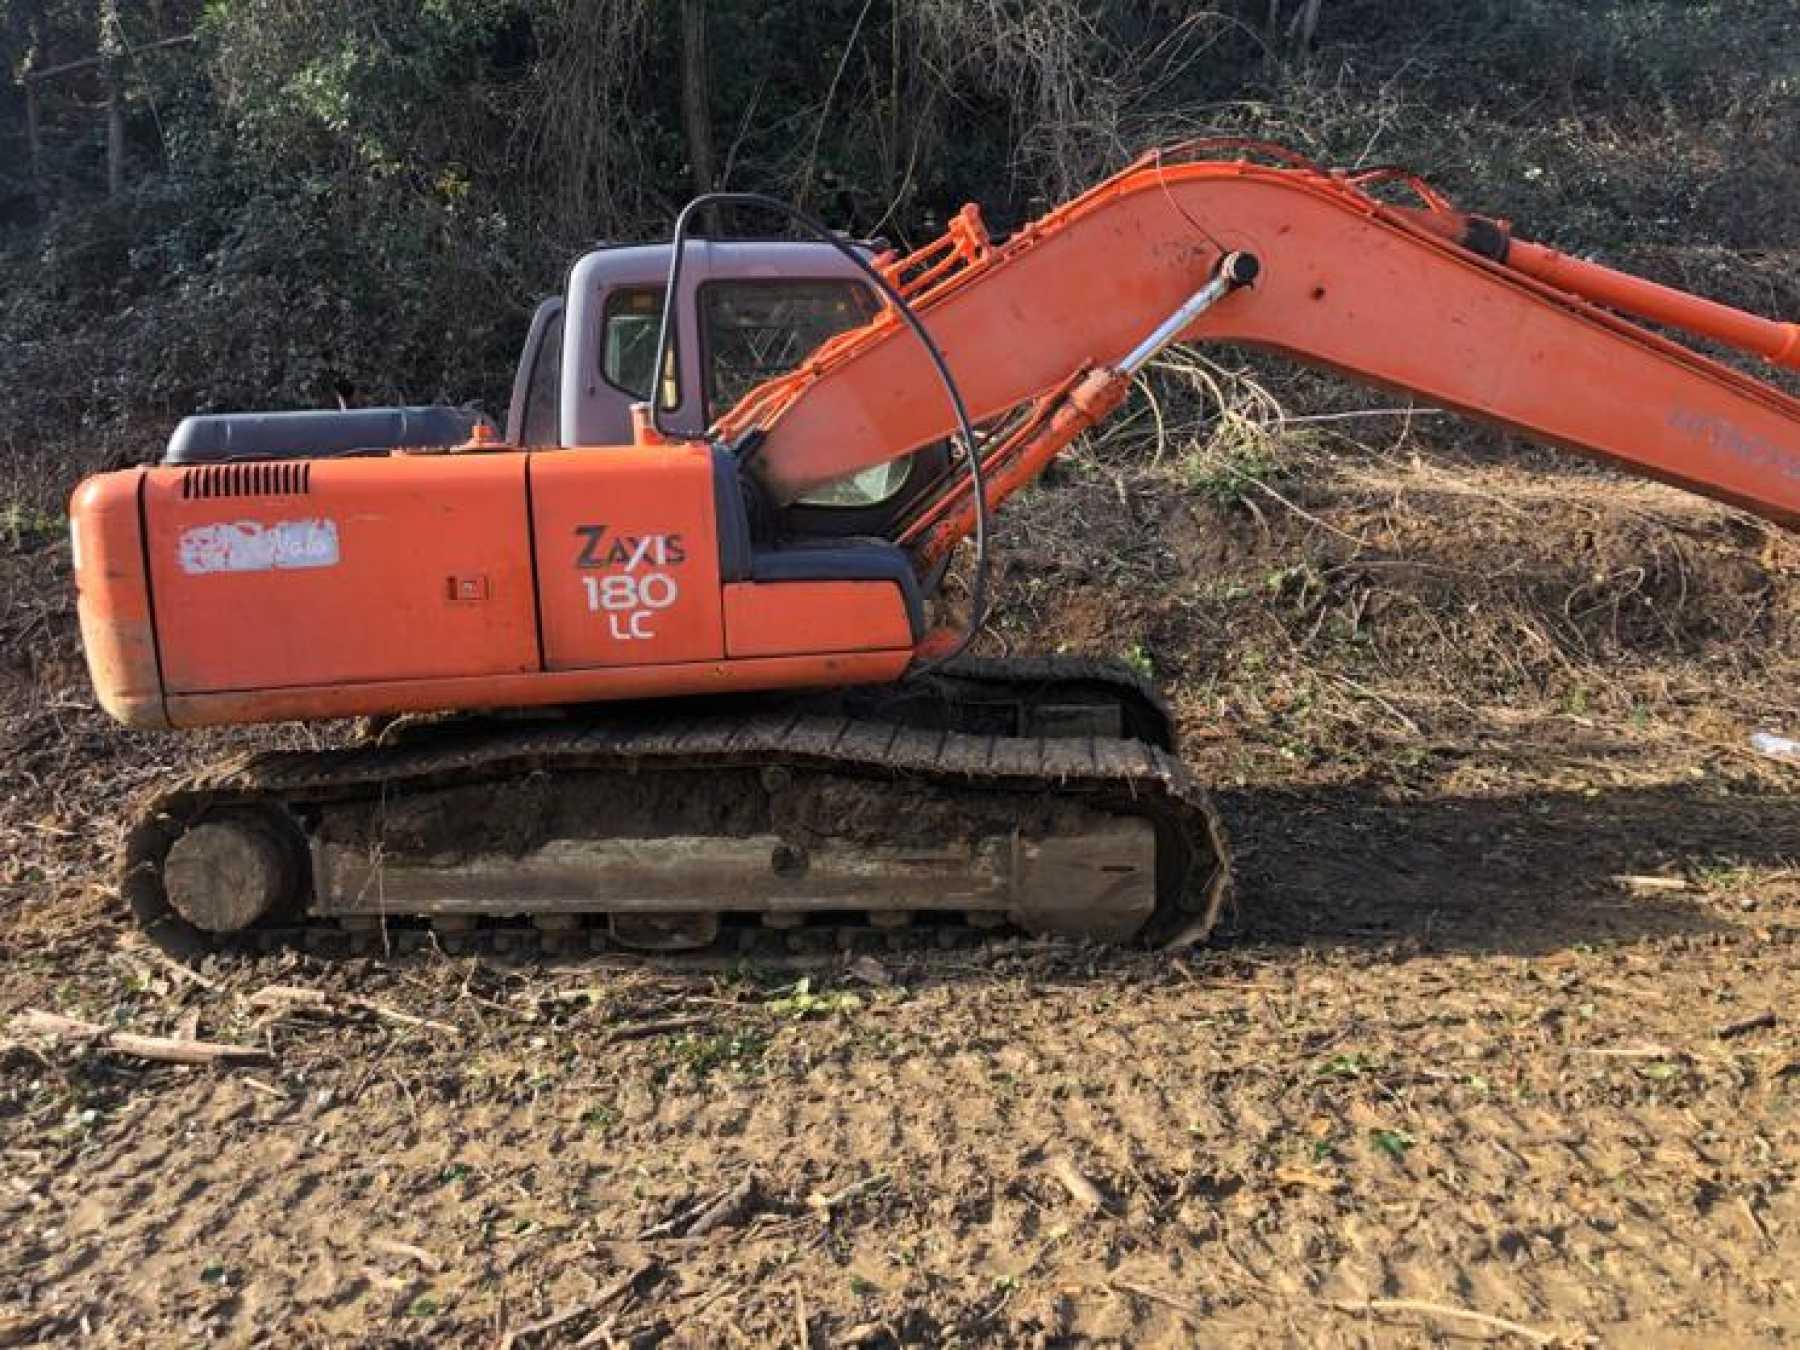 Escavatore cingolato in buone condizioni.